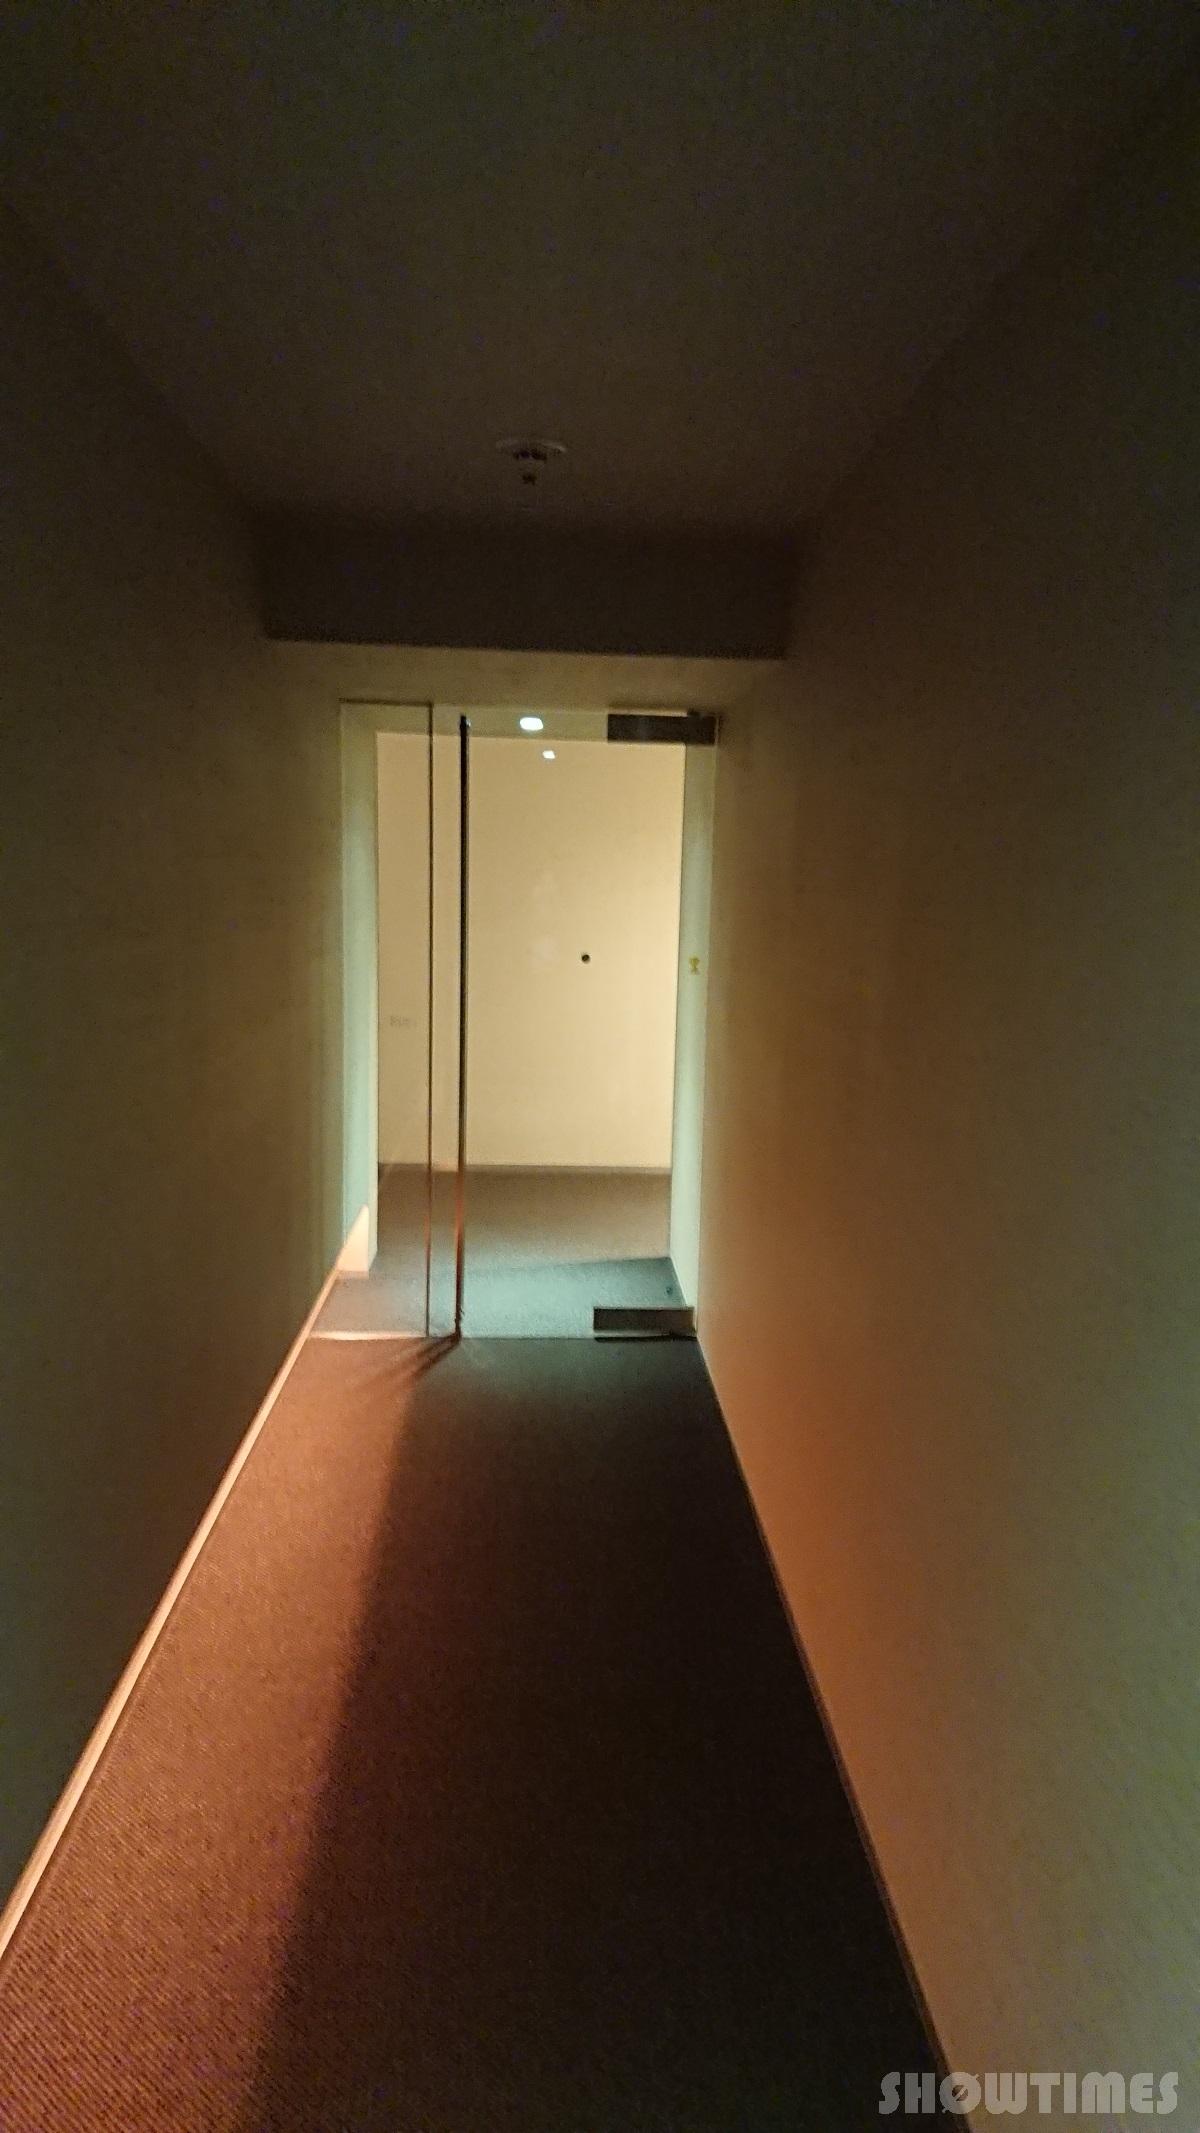 センチュリーロイヤルホテルエクスクルーシヴフロアのガラス扉とアプローチ3